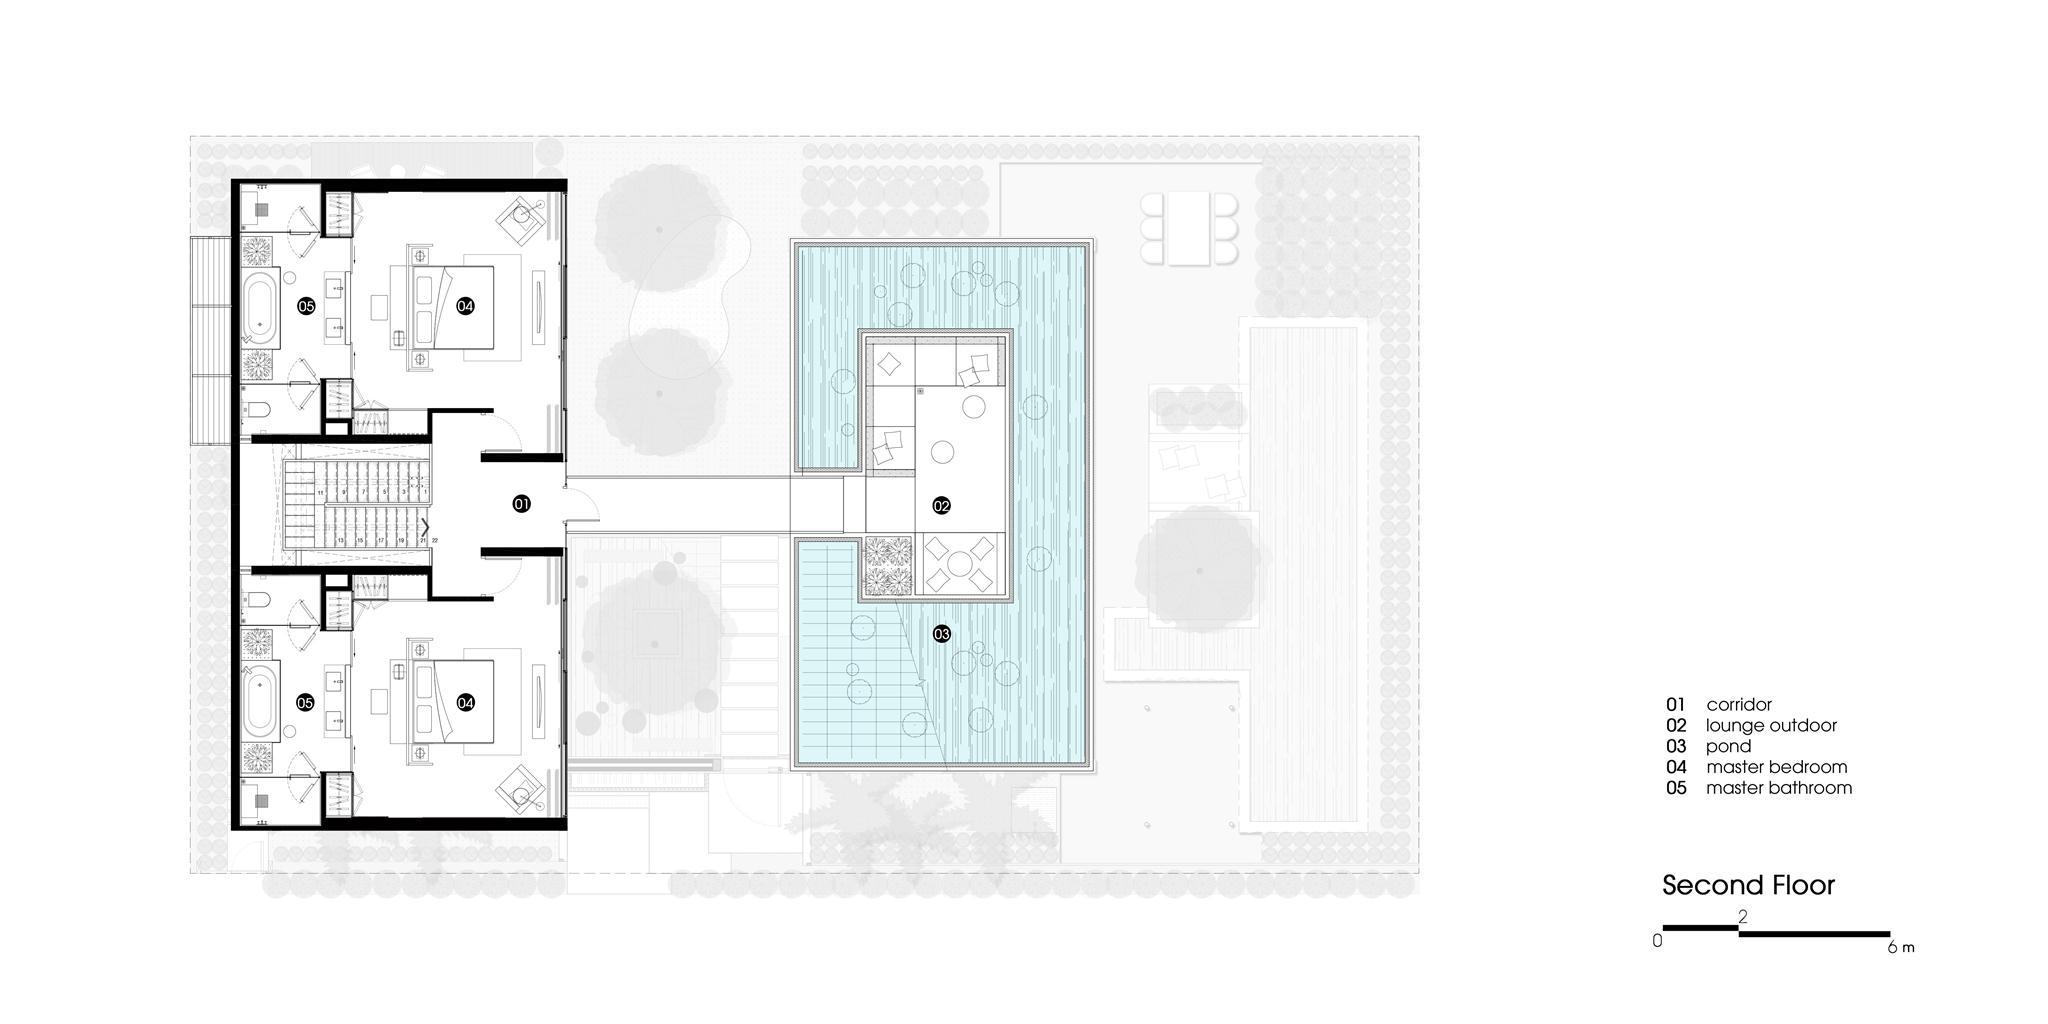 5 2nd Floor (Copy)